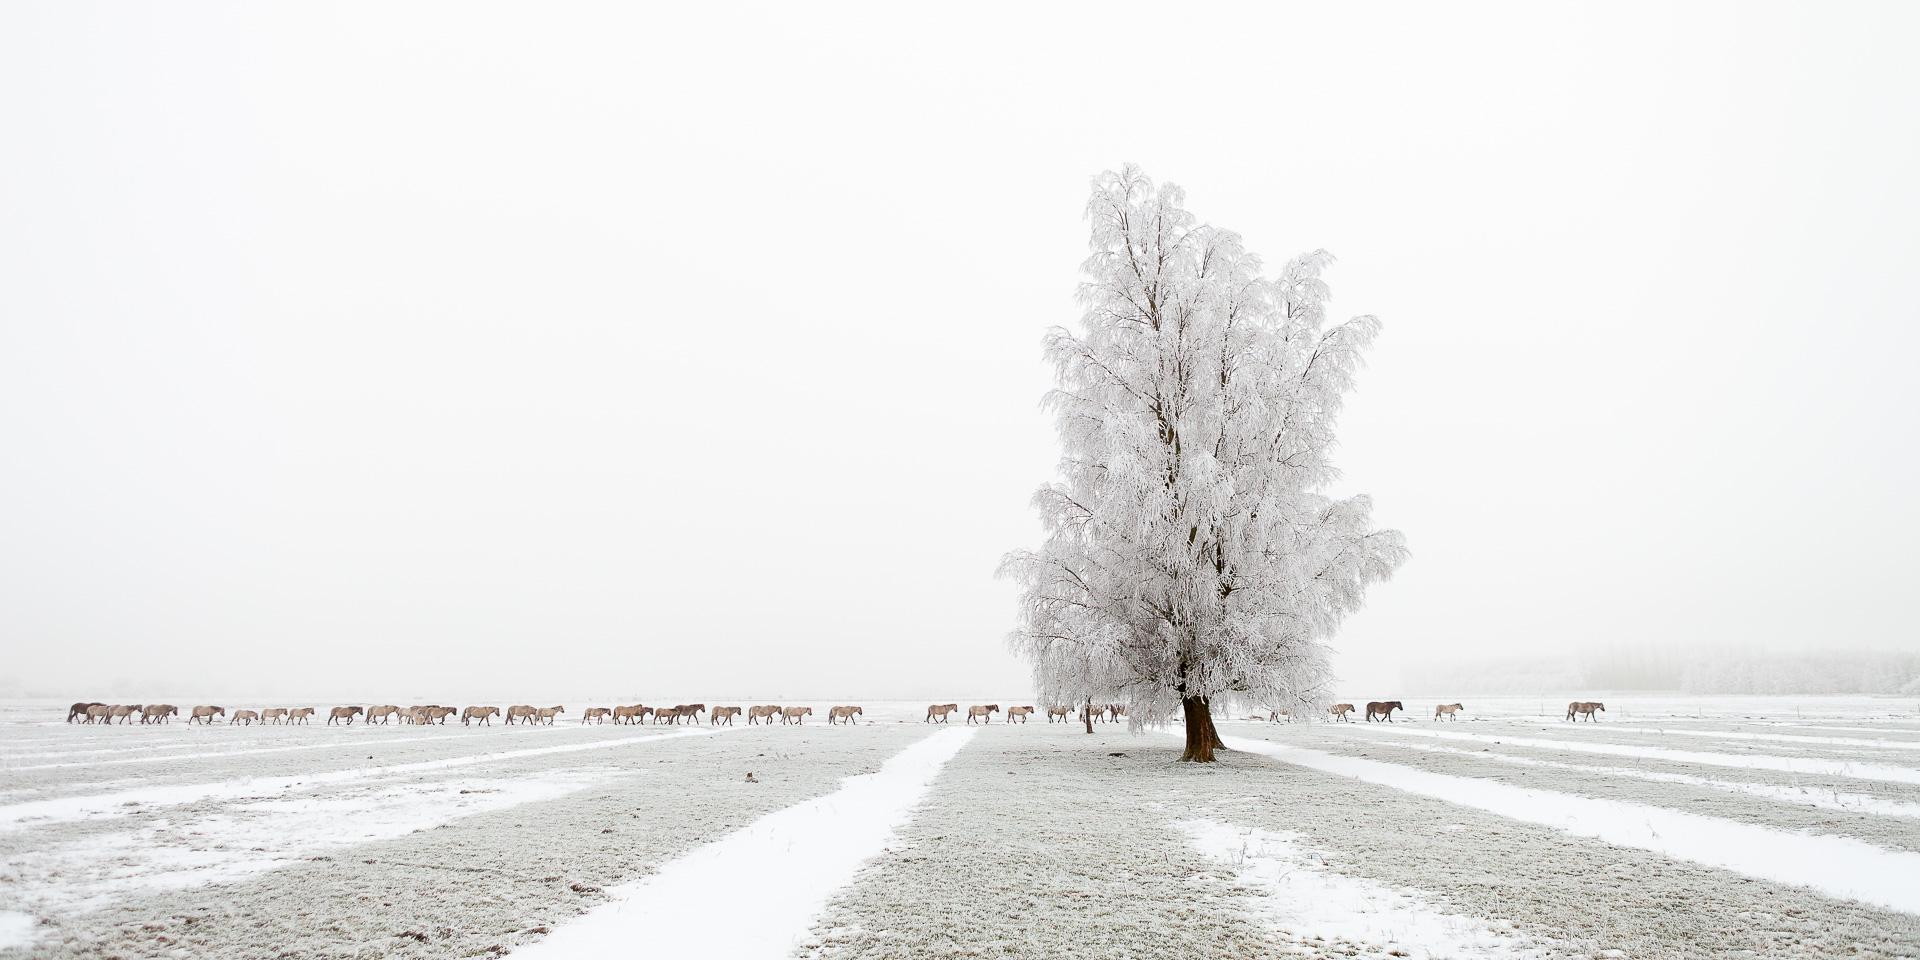 landschapsfoto van Konikpaarden in een winter landschap in het Nationaal park Lauwersmeer